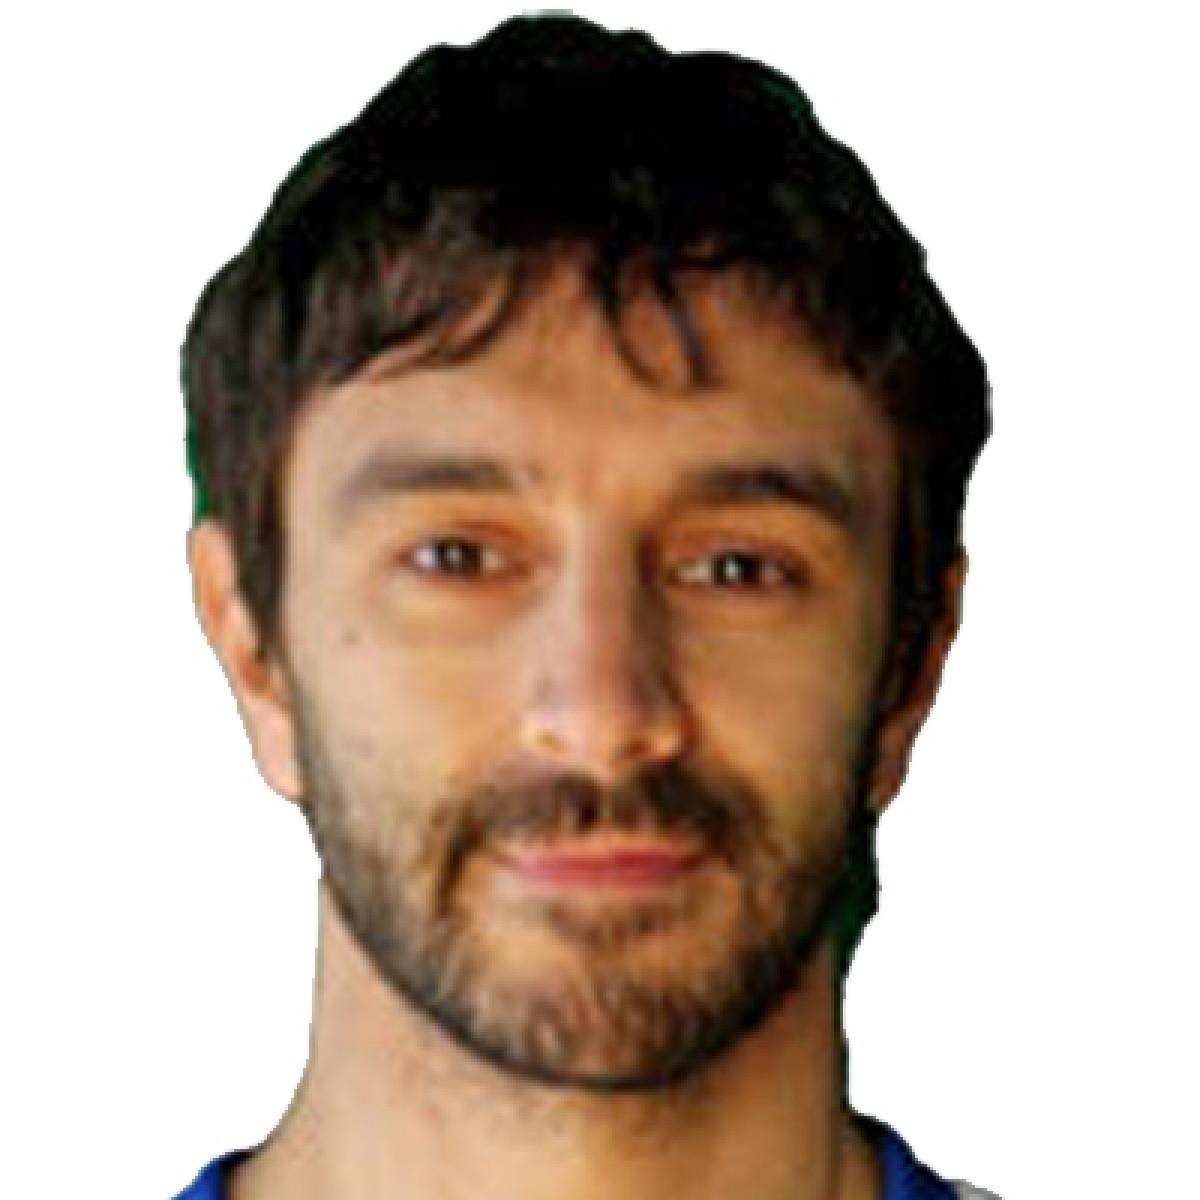 Sebastian Vico